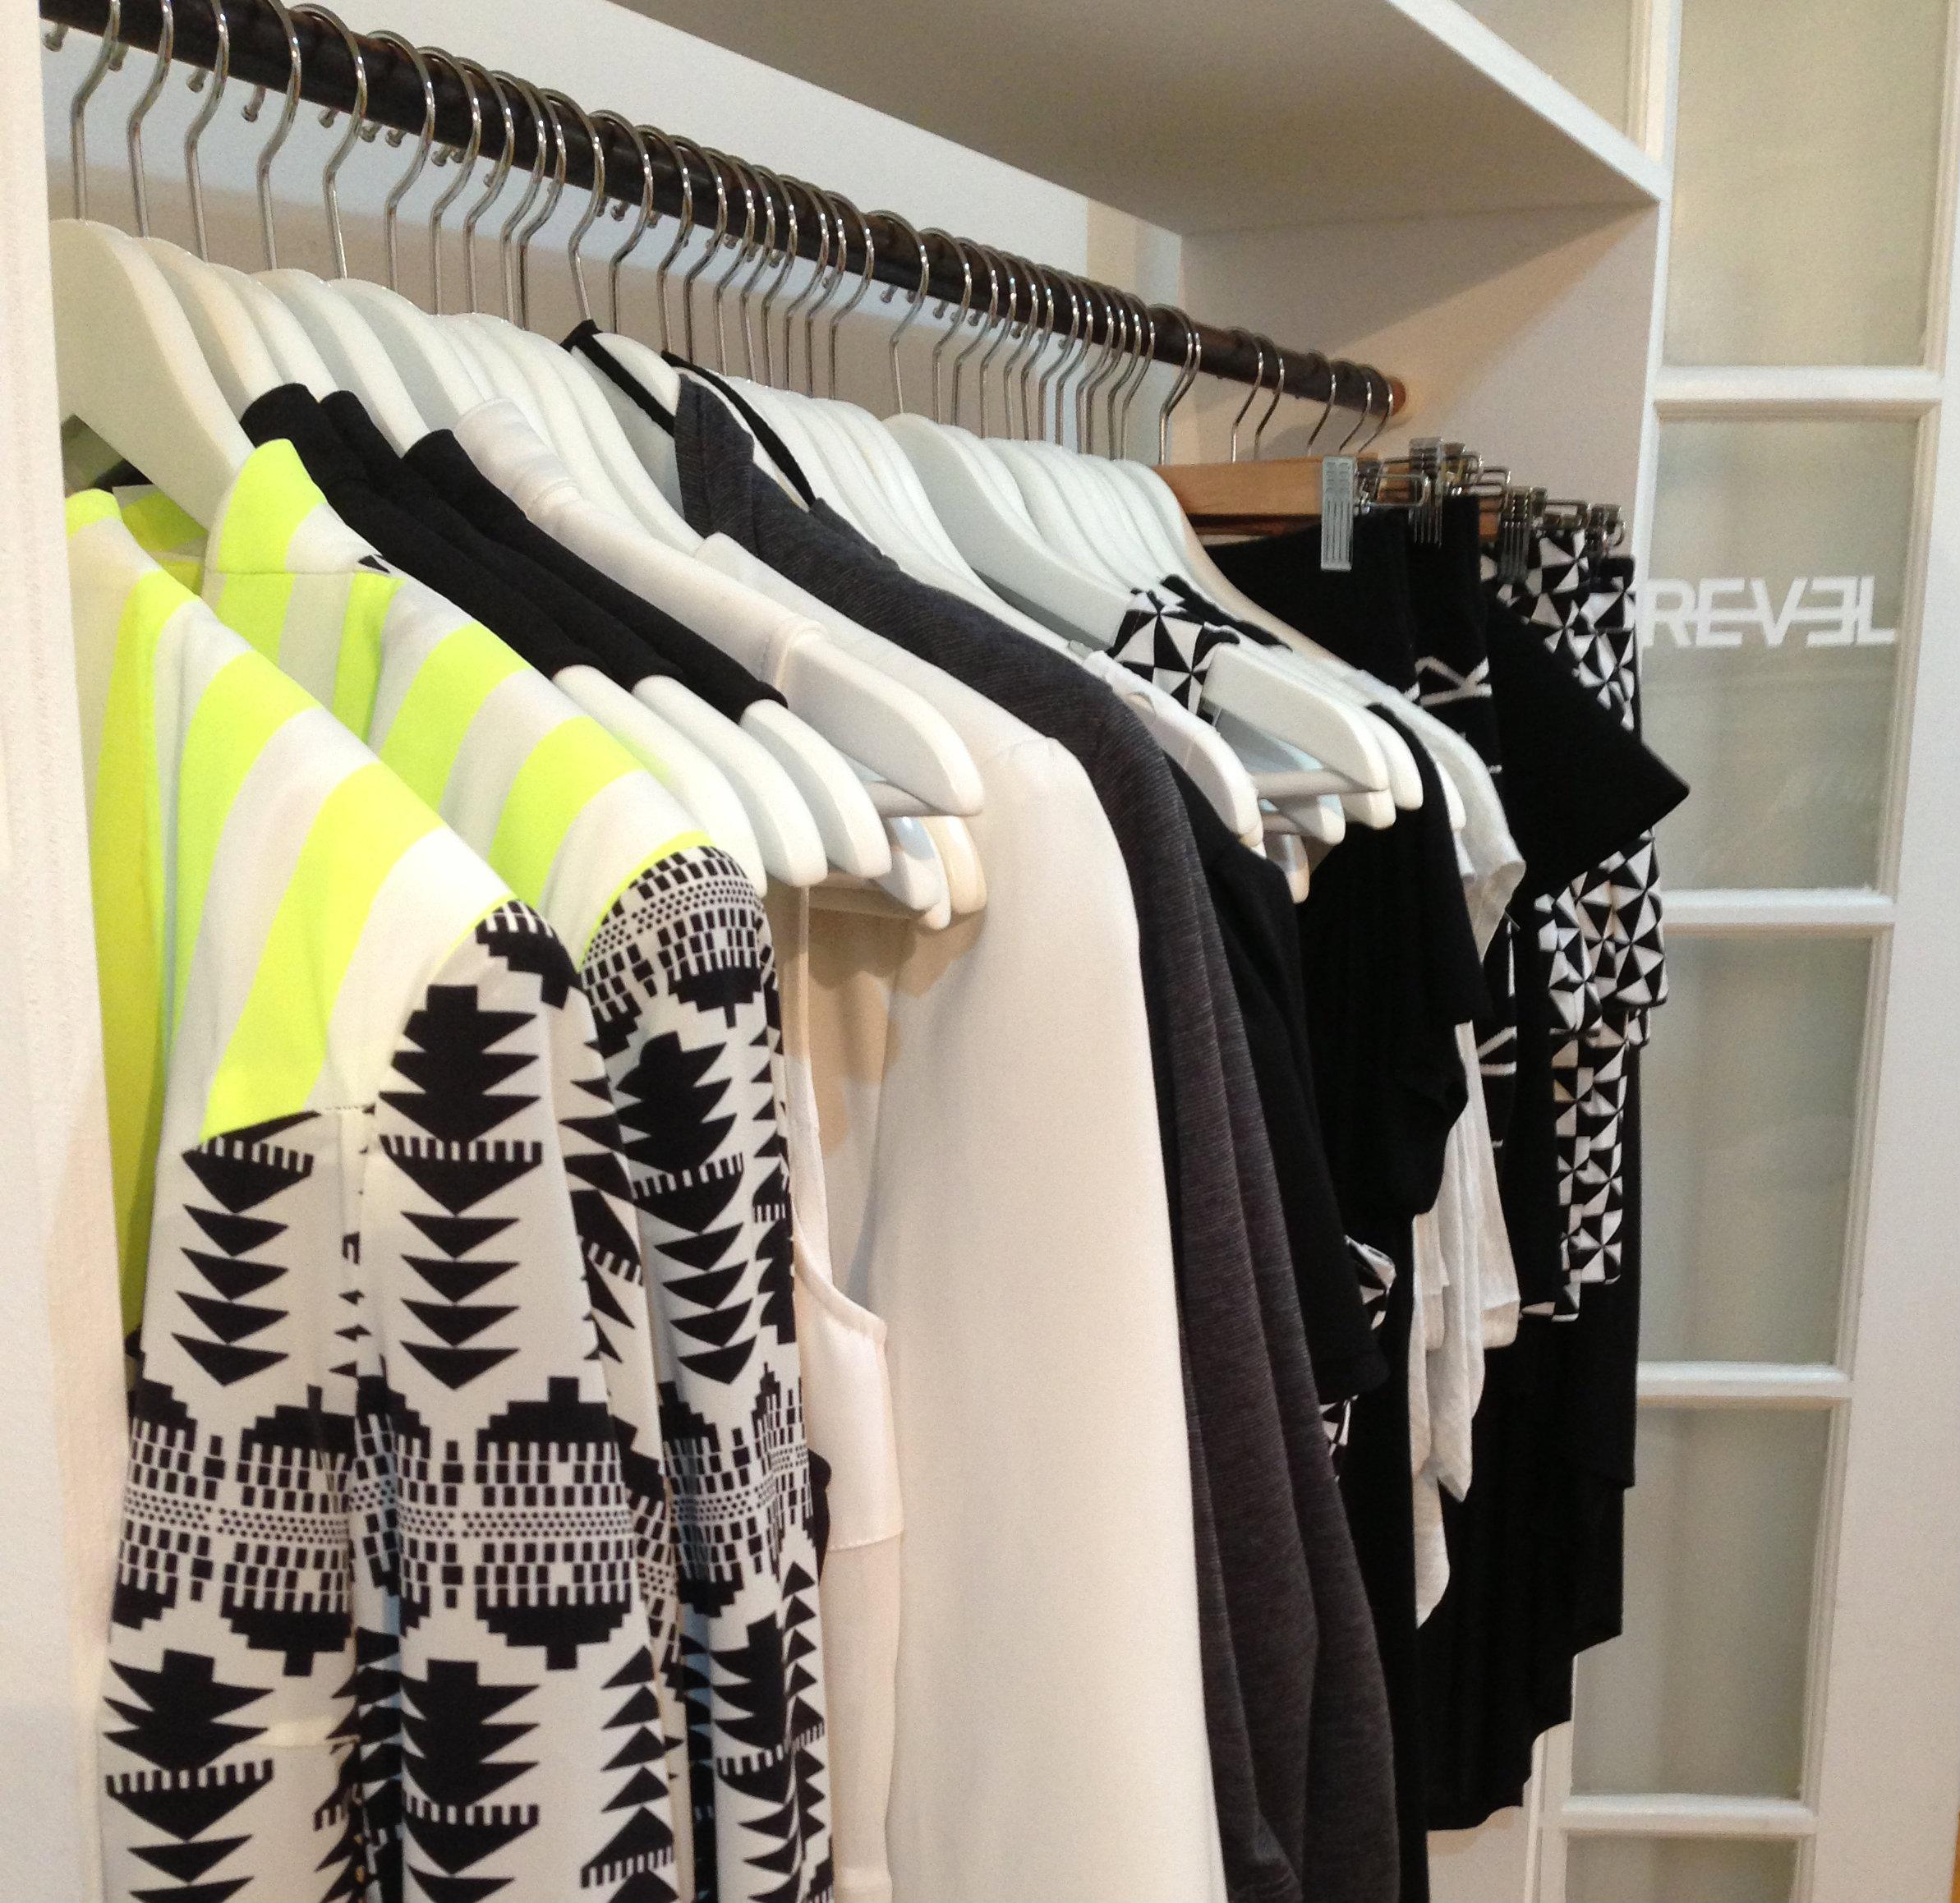 clothing revel